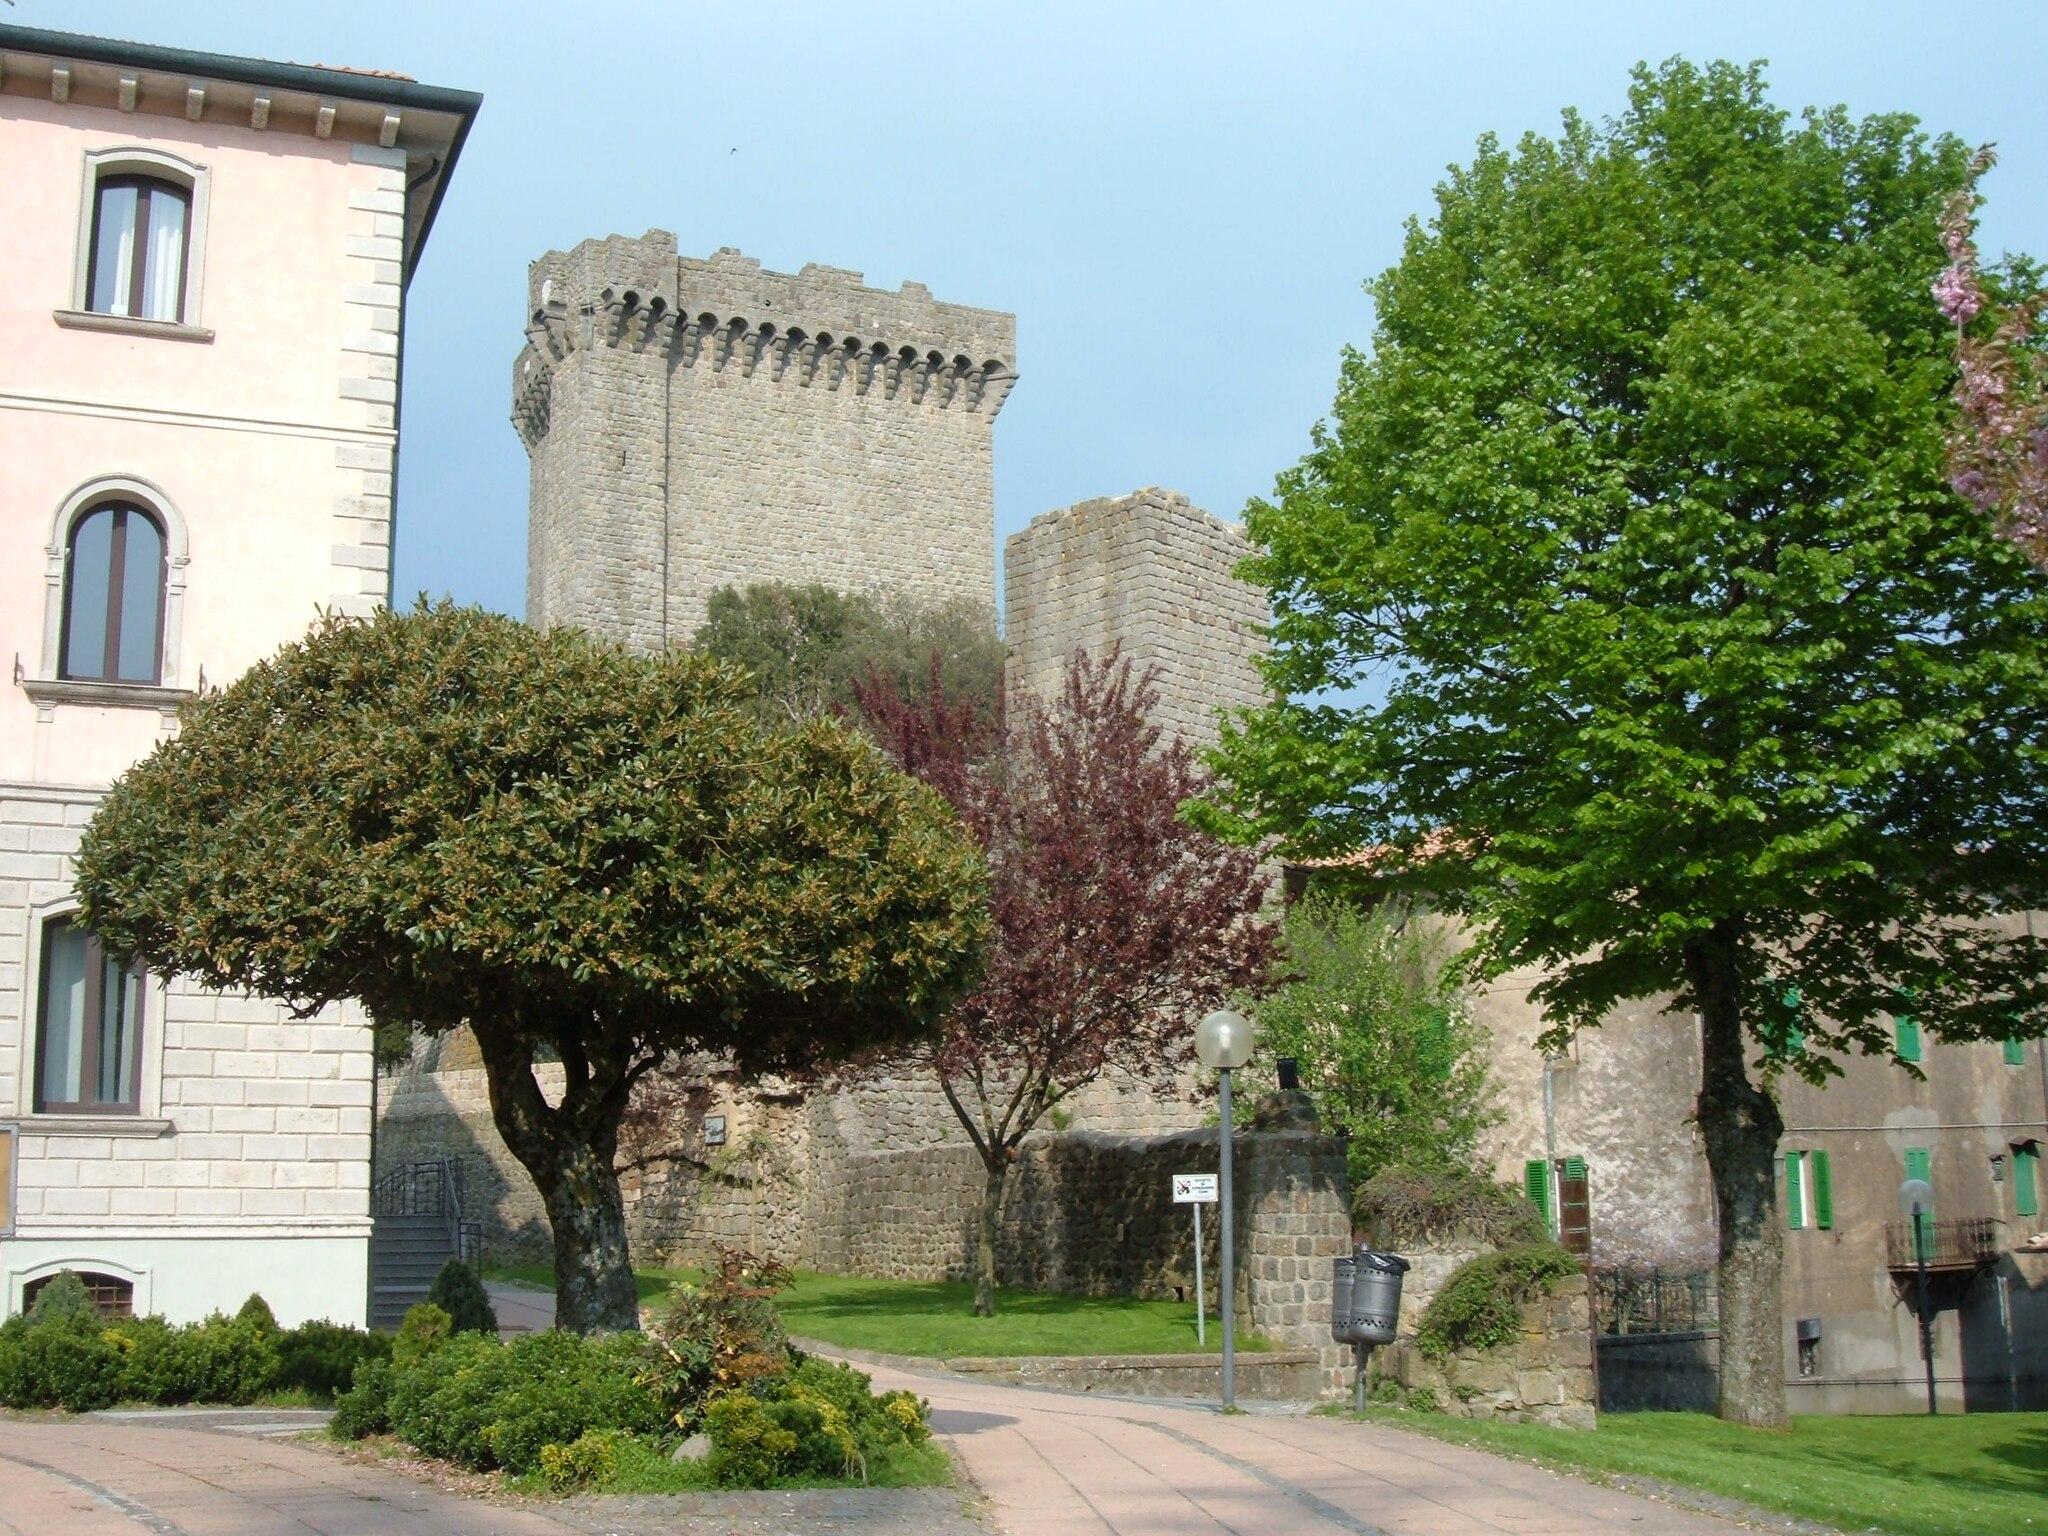 Rocca Aldobrandesca di Piancastagnaio